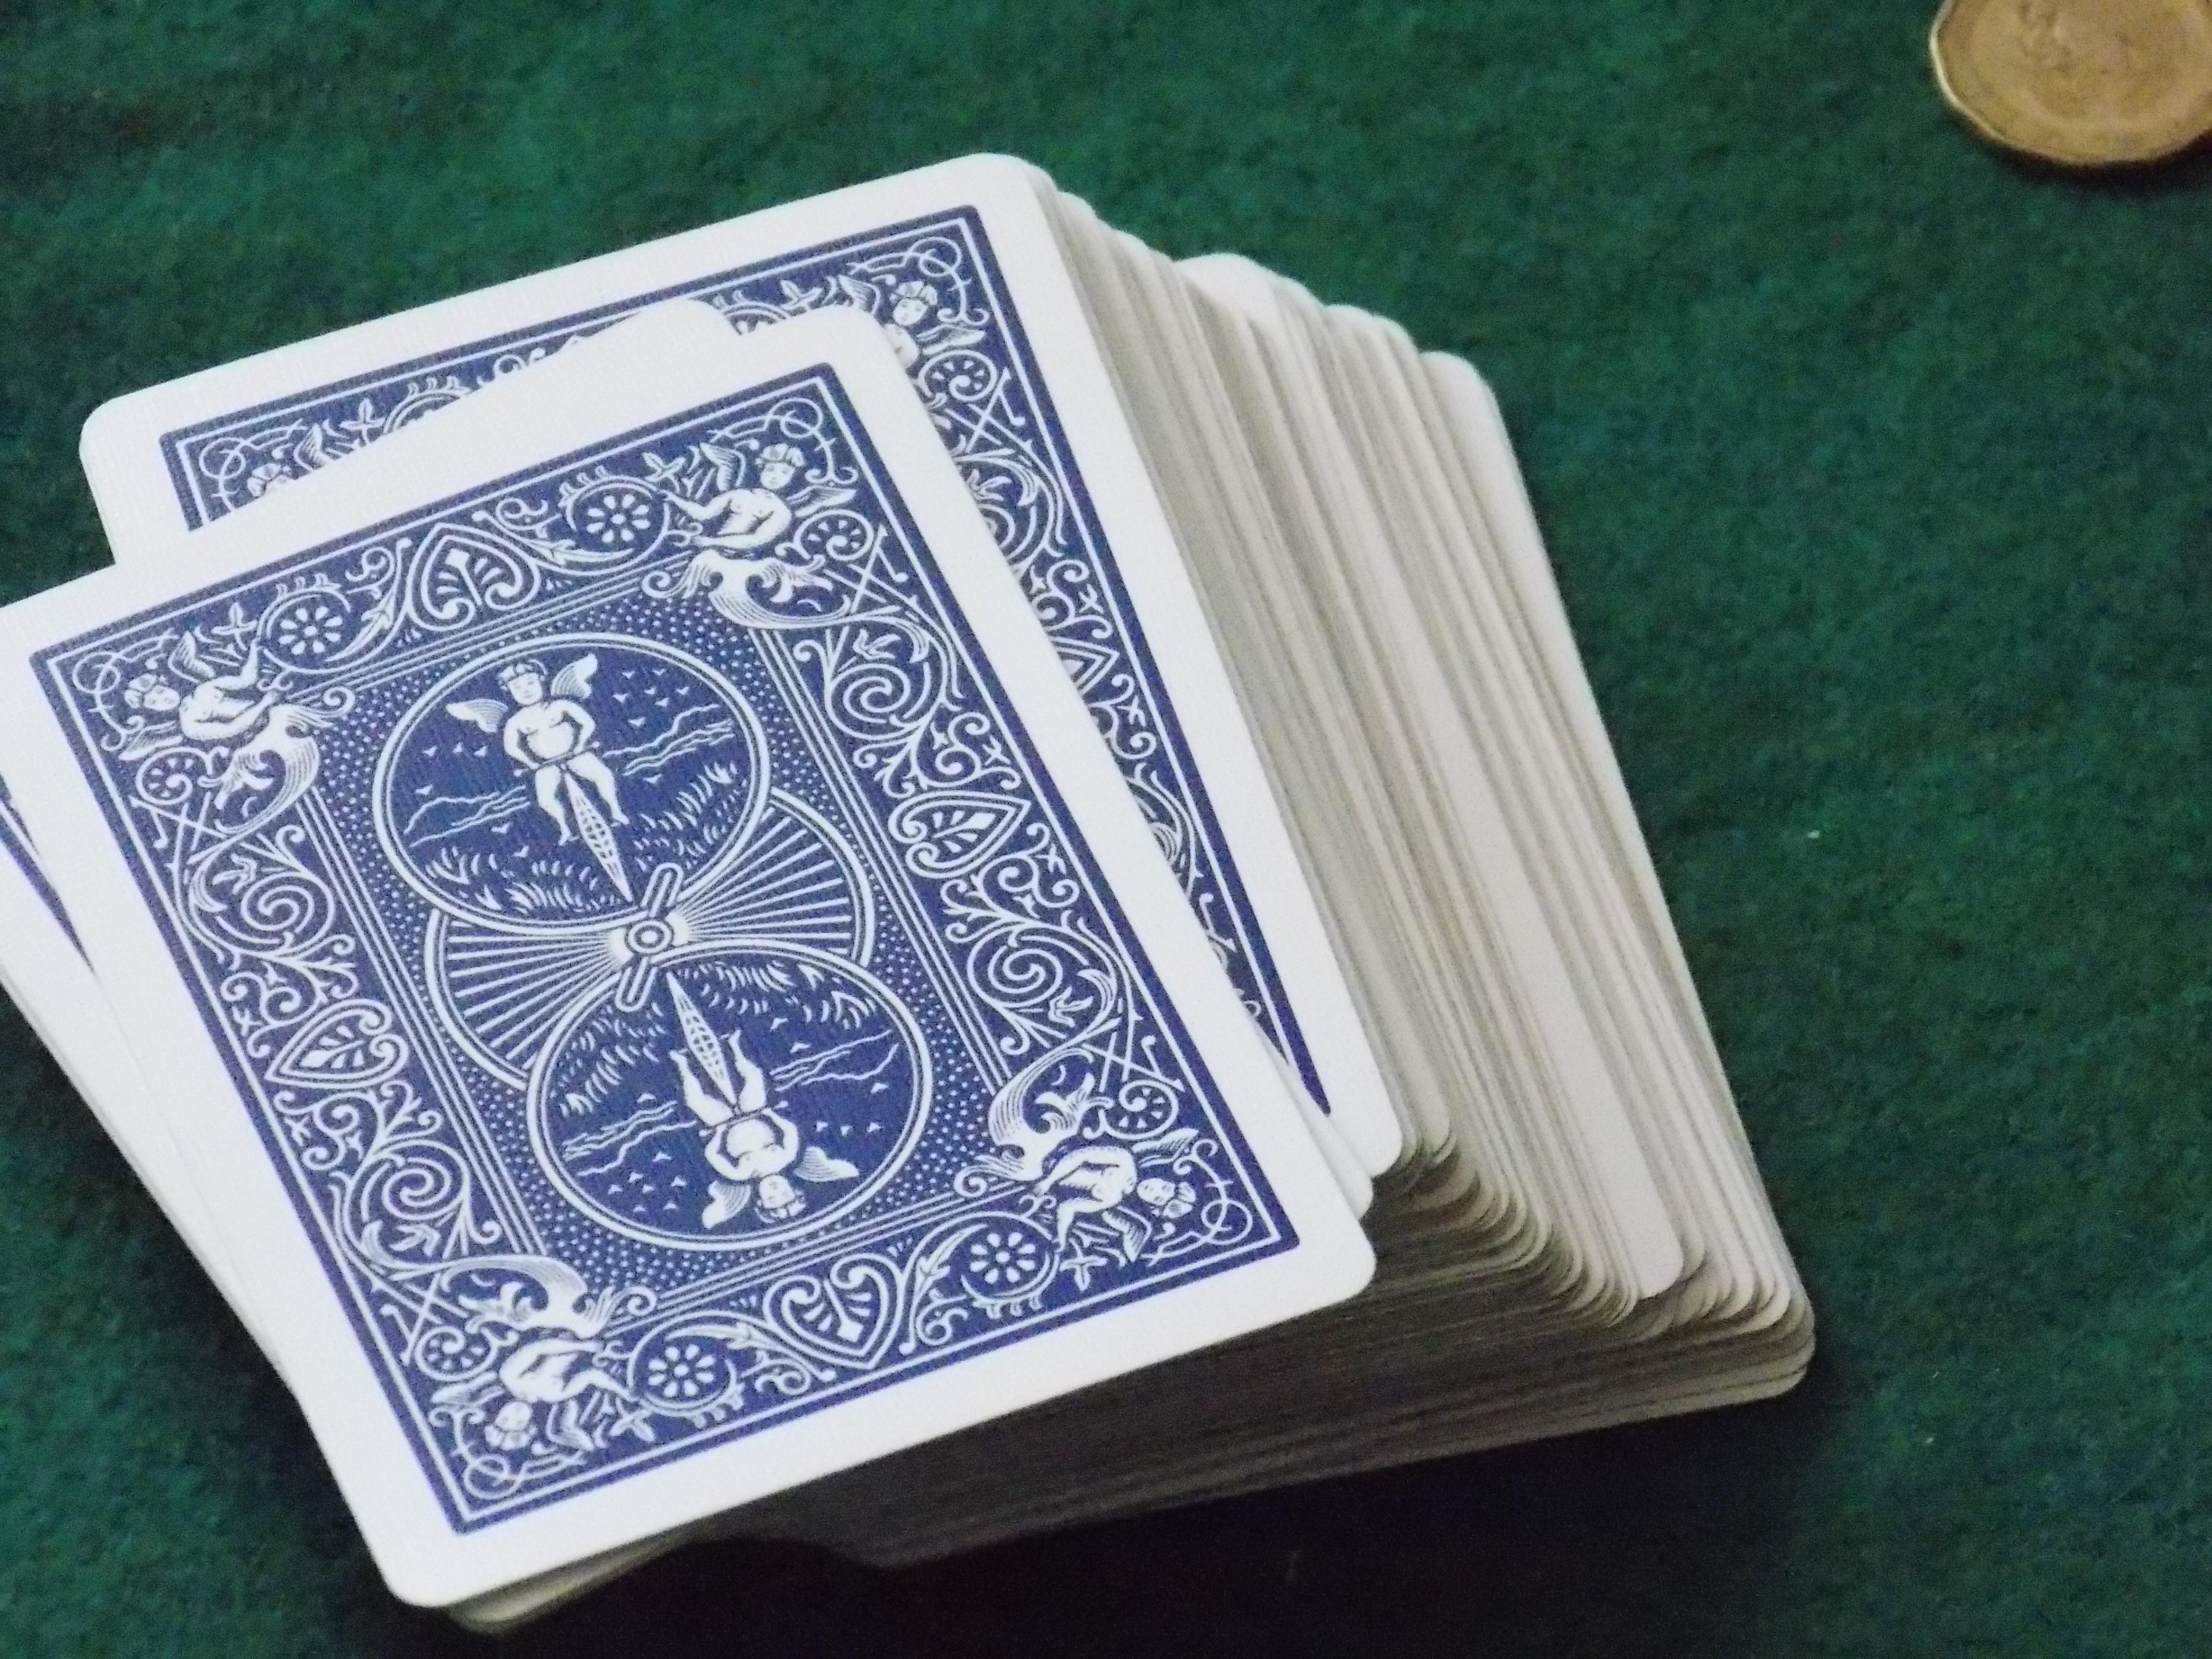 покер серия в россии